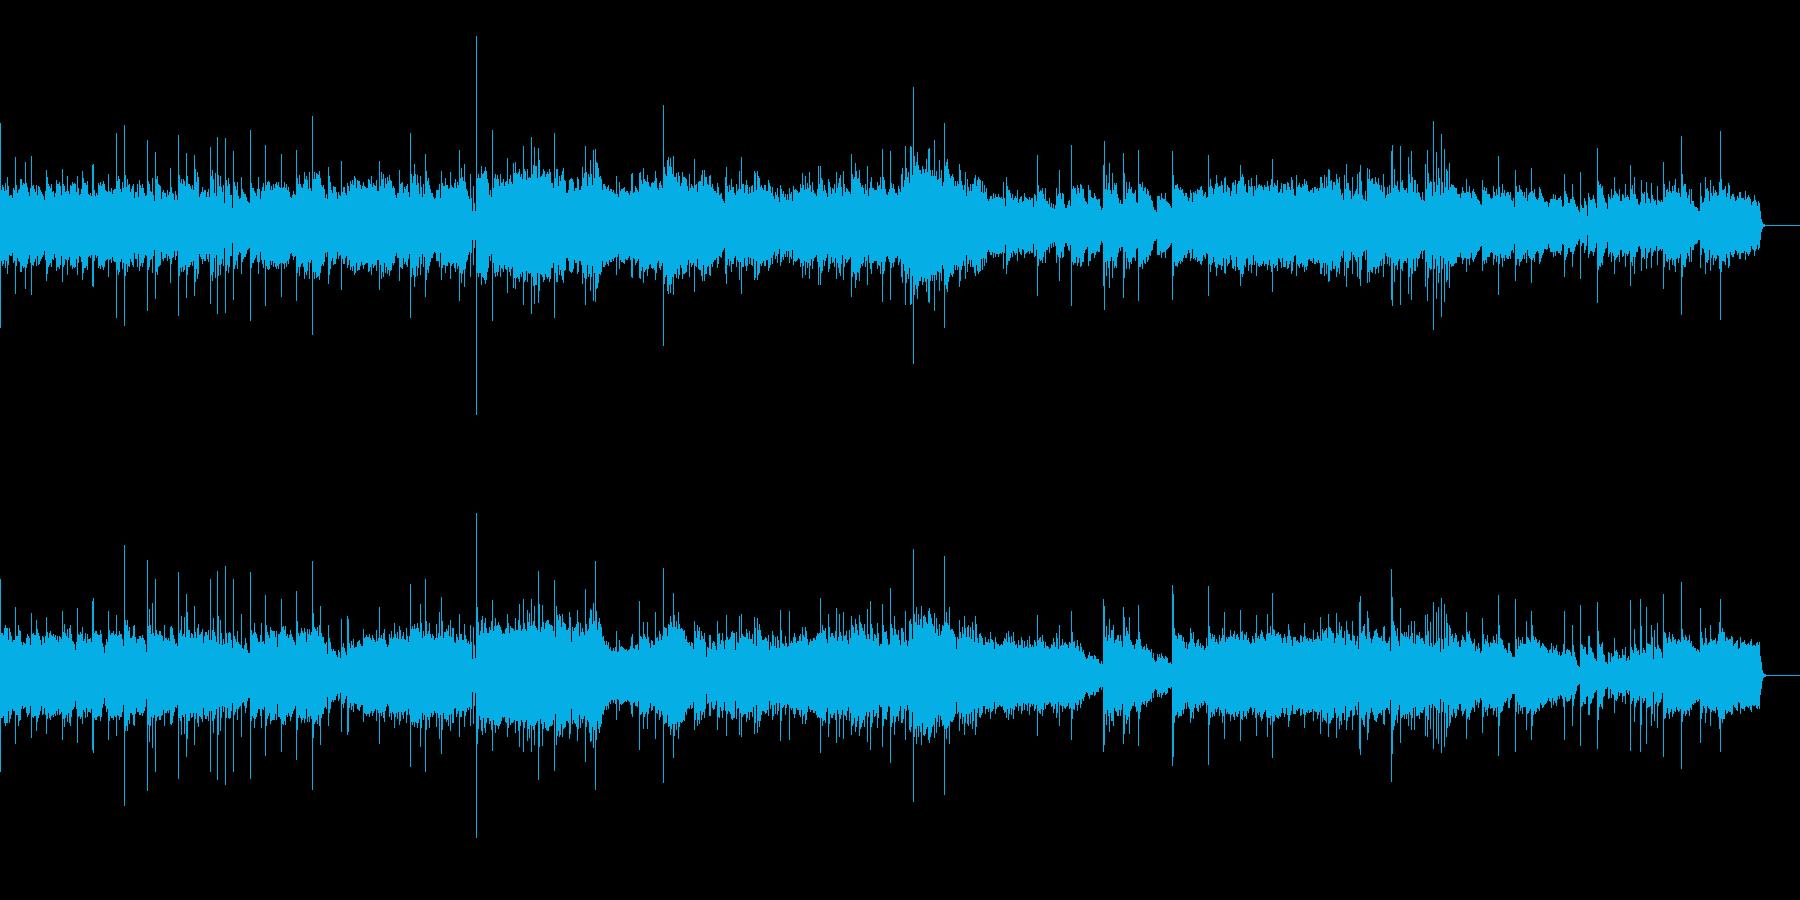 小組曲より第一楽章小舟にて (シンセ版)の再生済みの波形